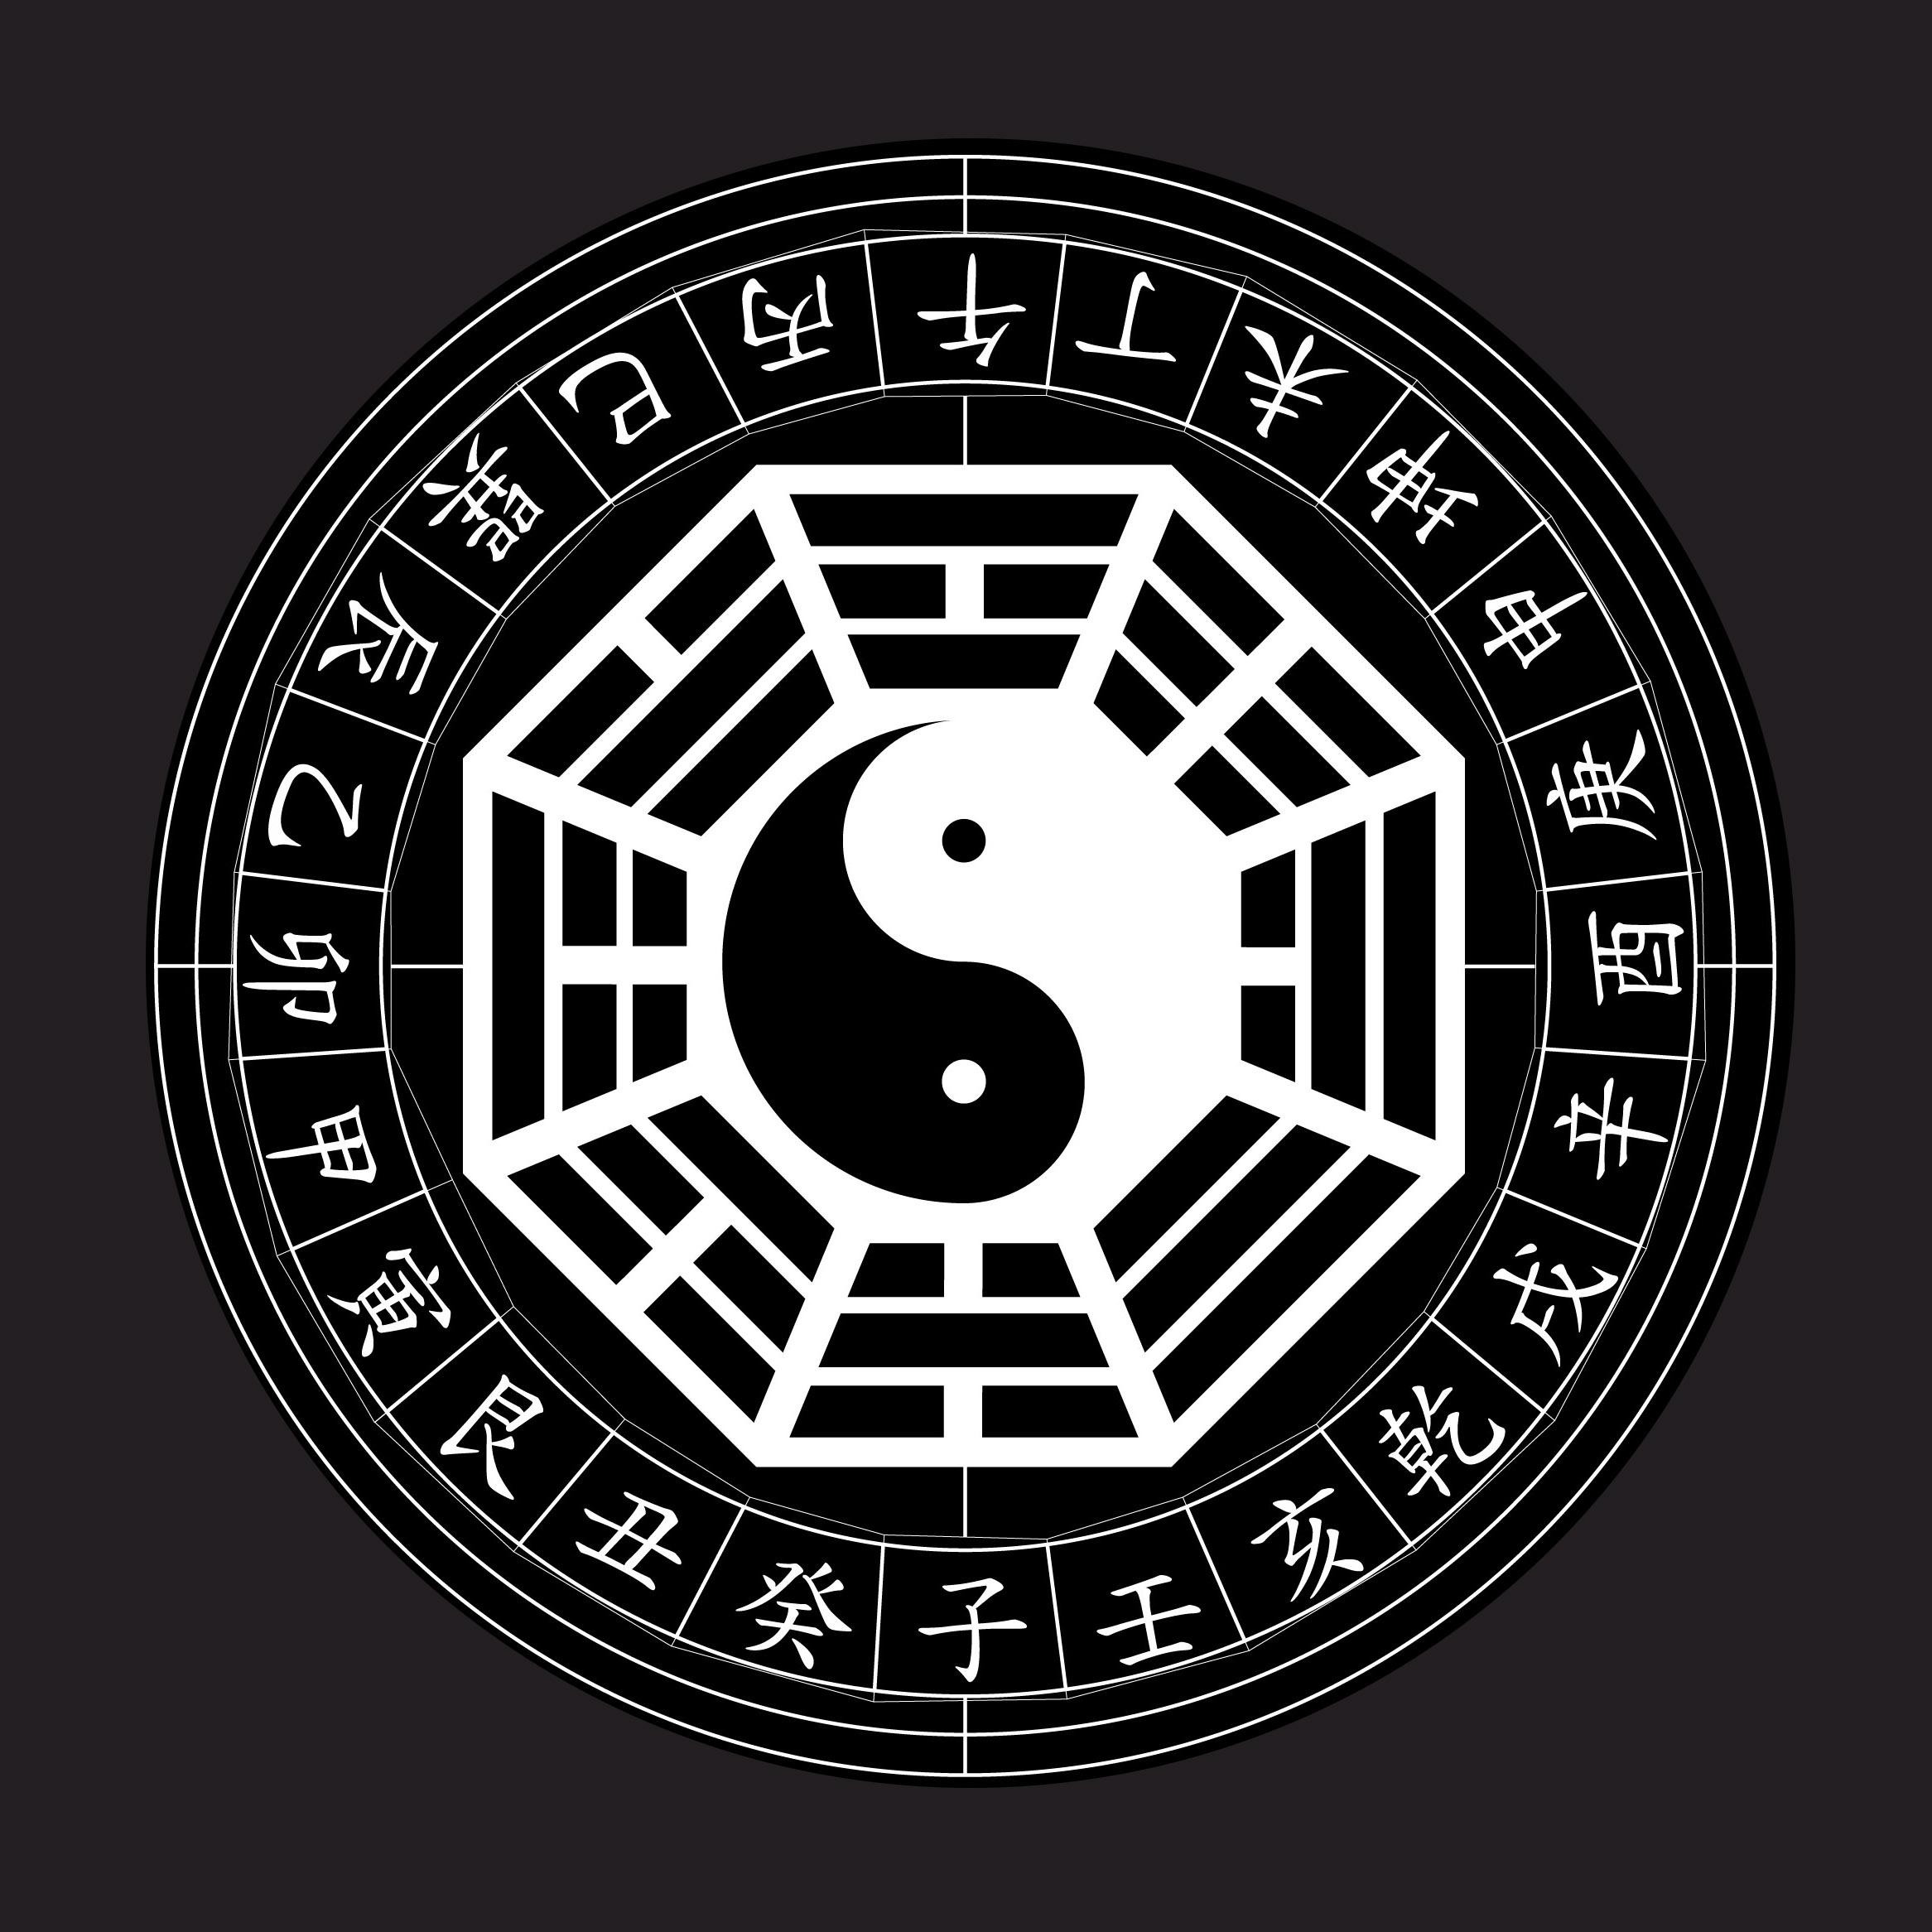 Sonidos curativos 2 parte napati for Yin yang raumgestaltung